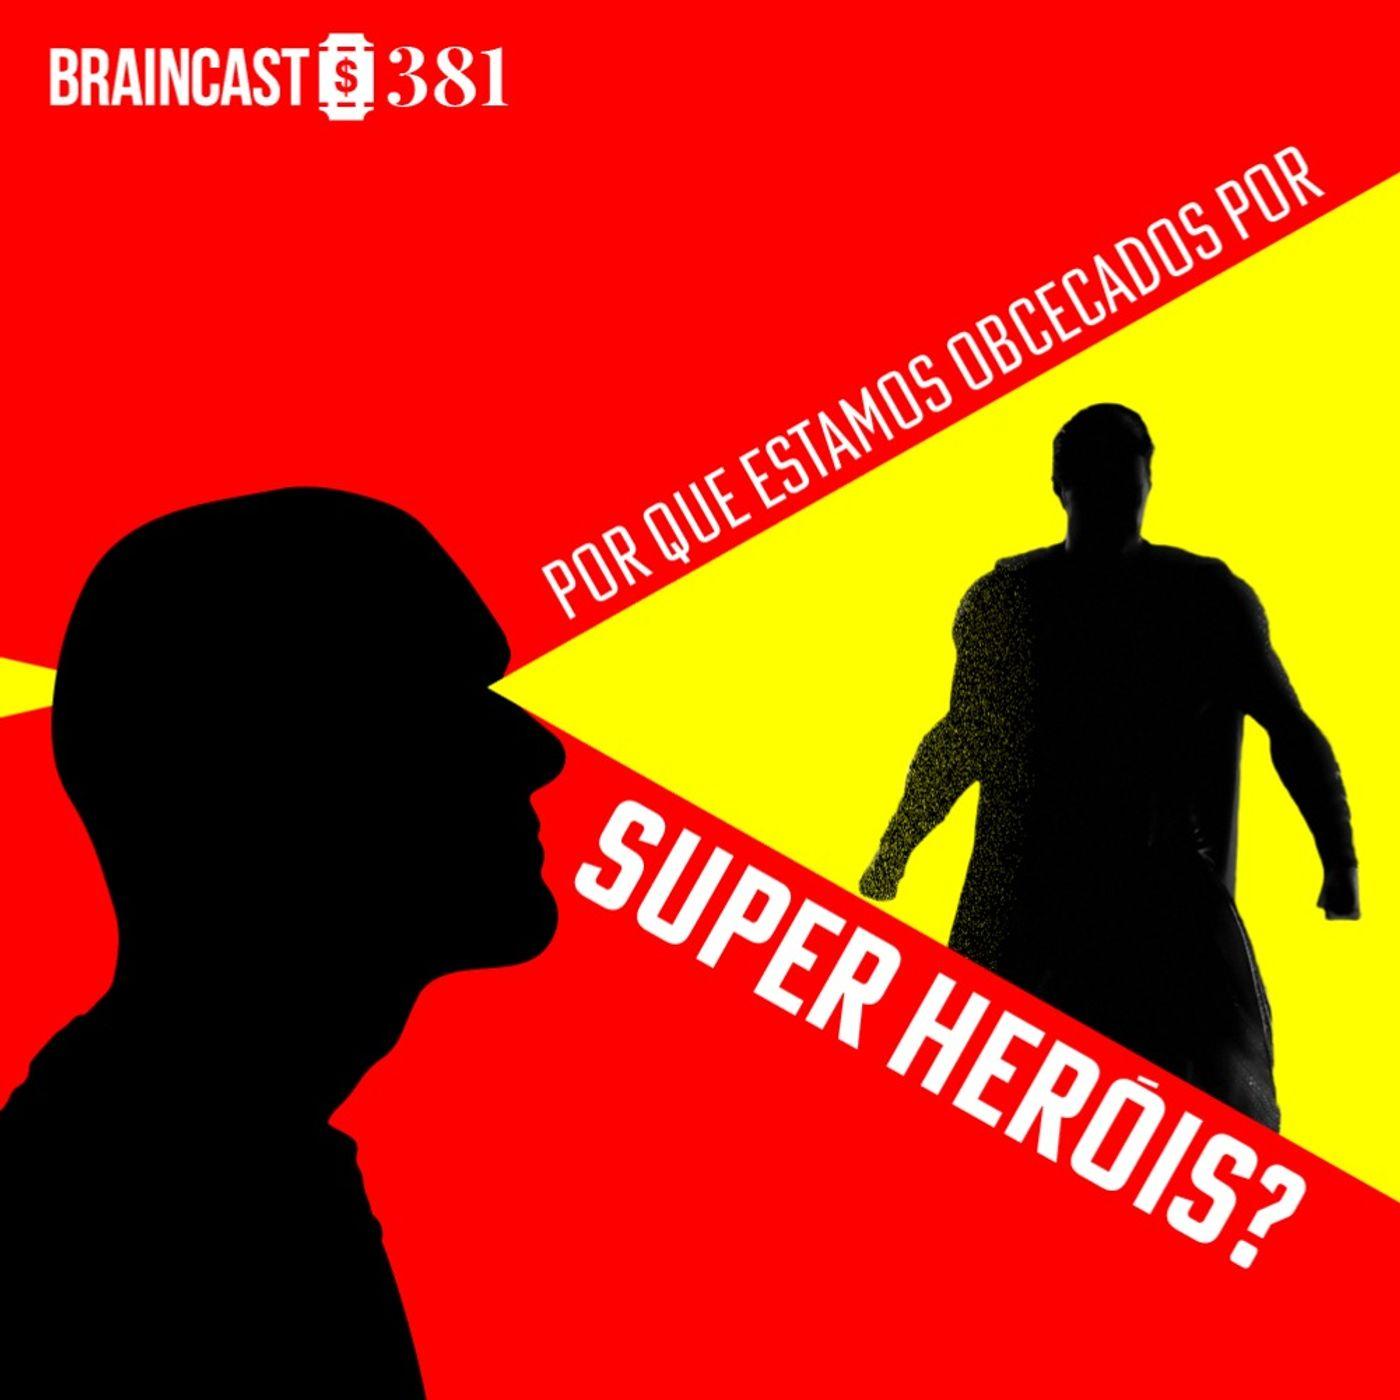 Por que estamos obcecados por super-heróis?